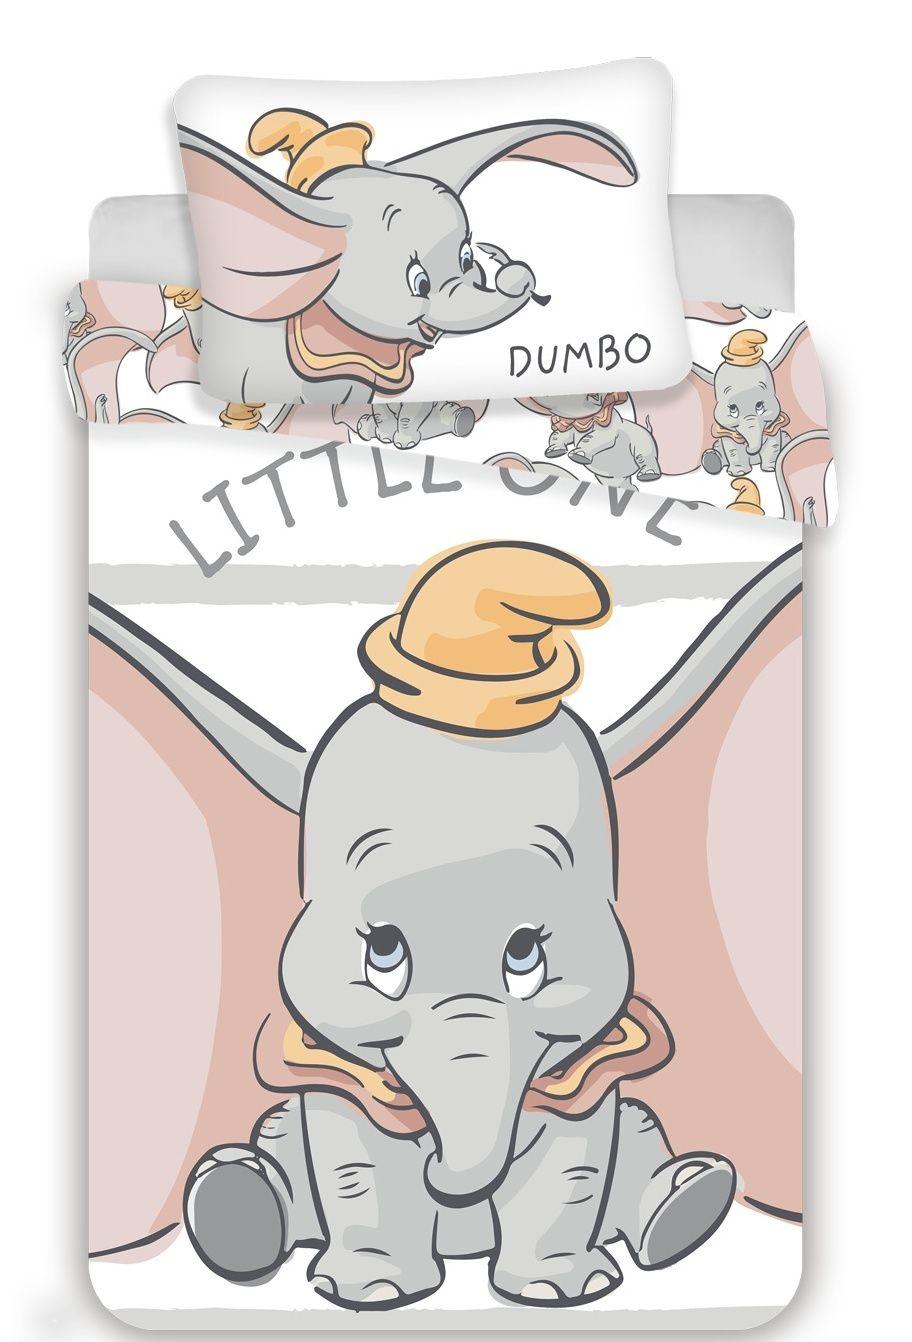 Disney povlečení do postýlky Dumbo stripe baby Jerry Fabrics